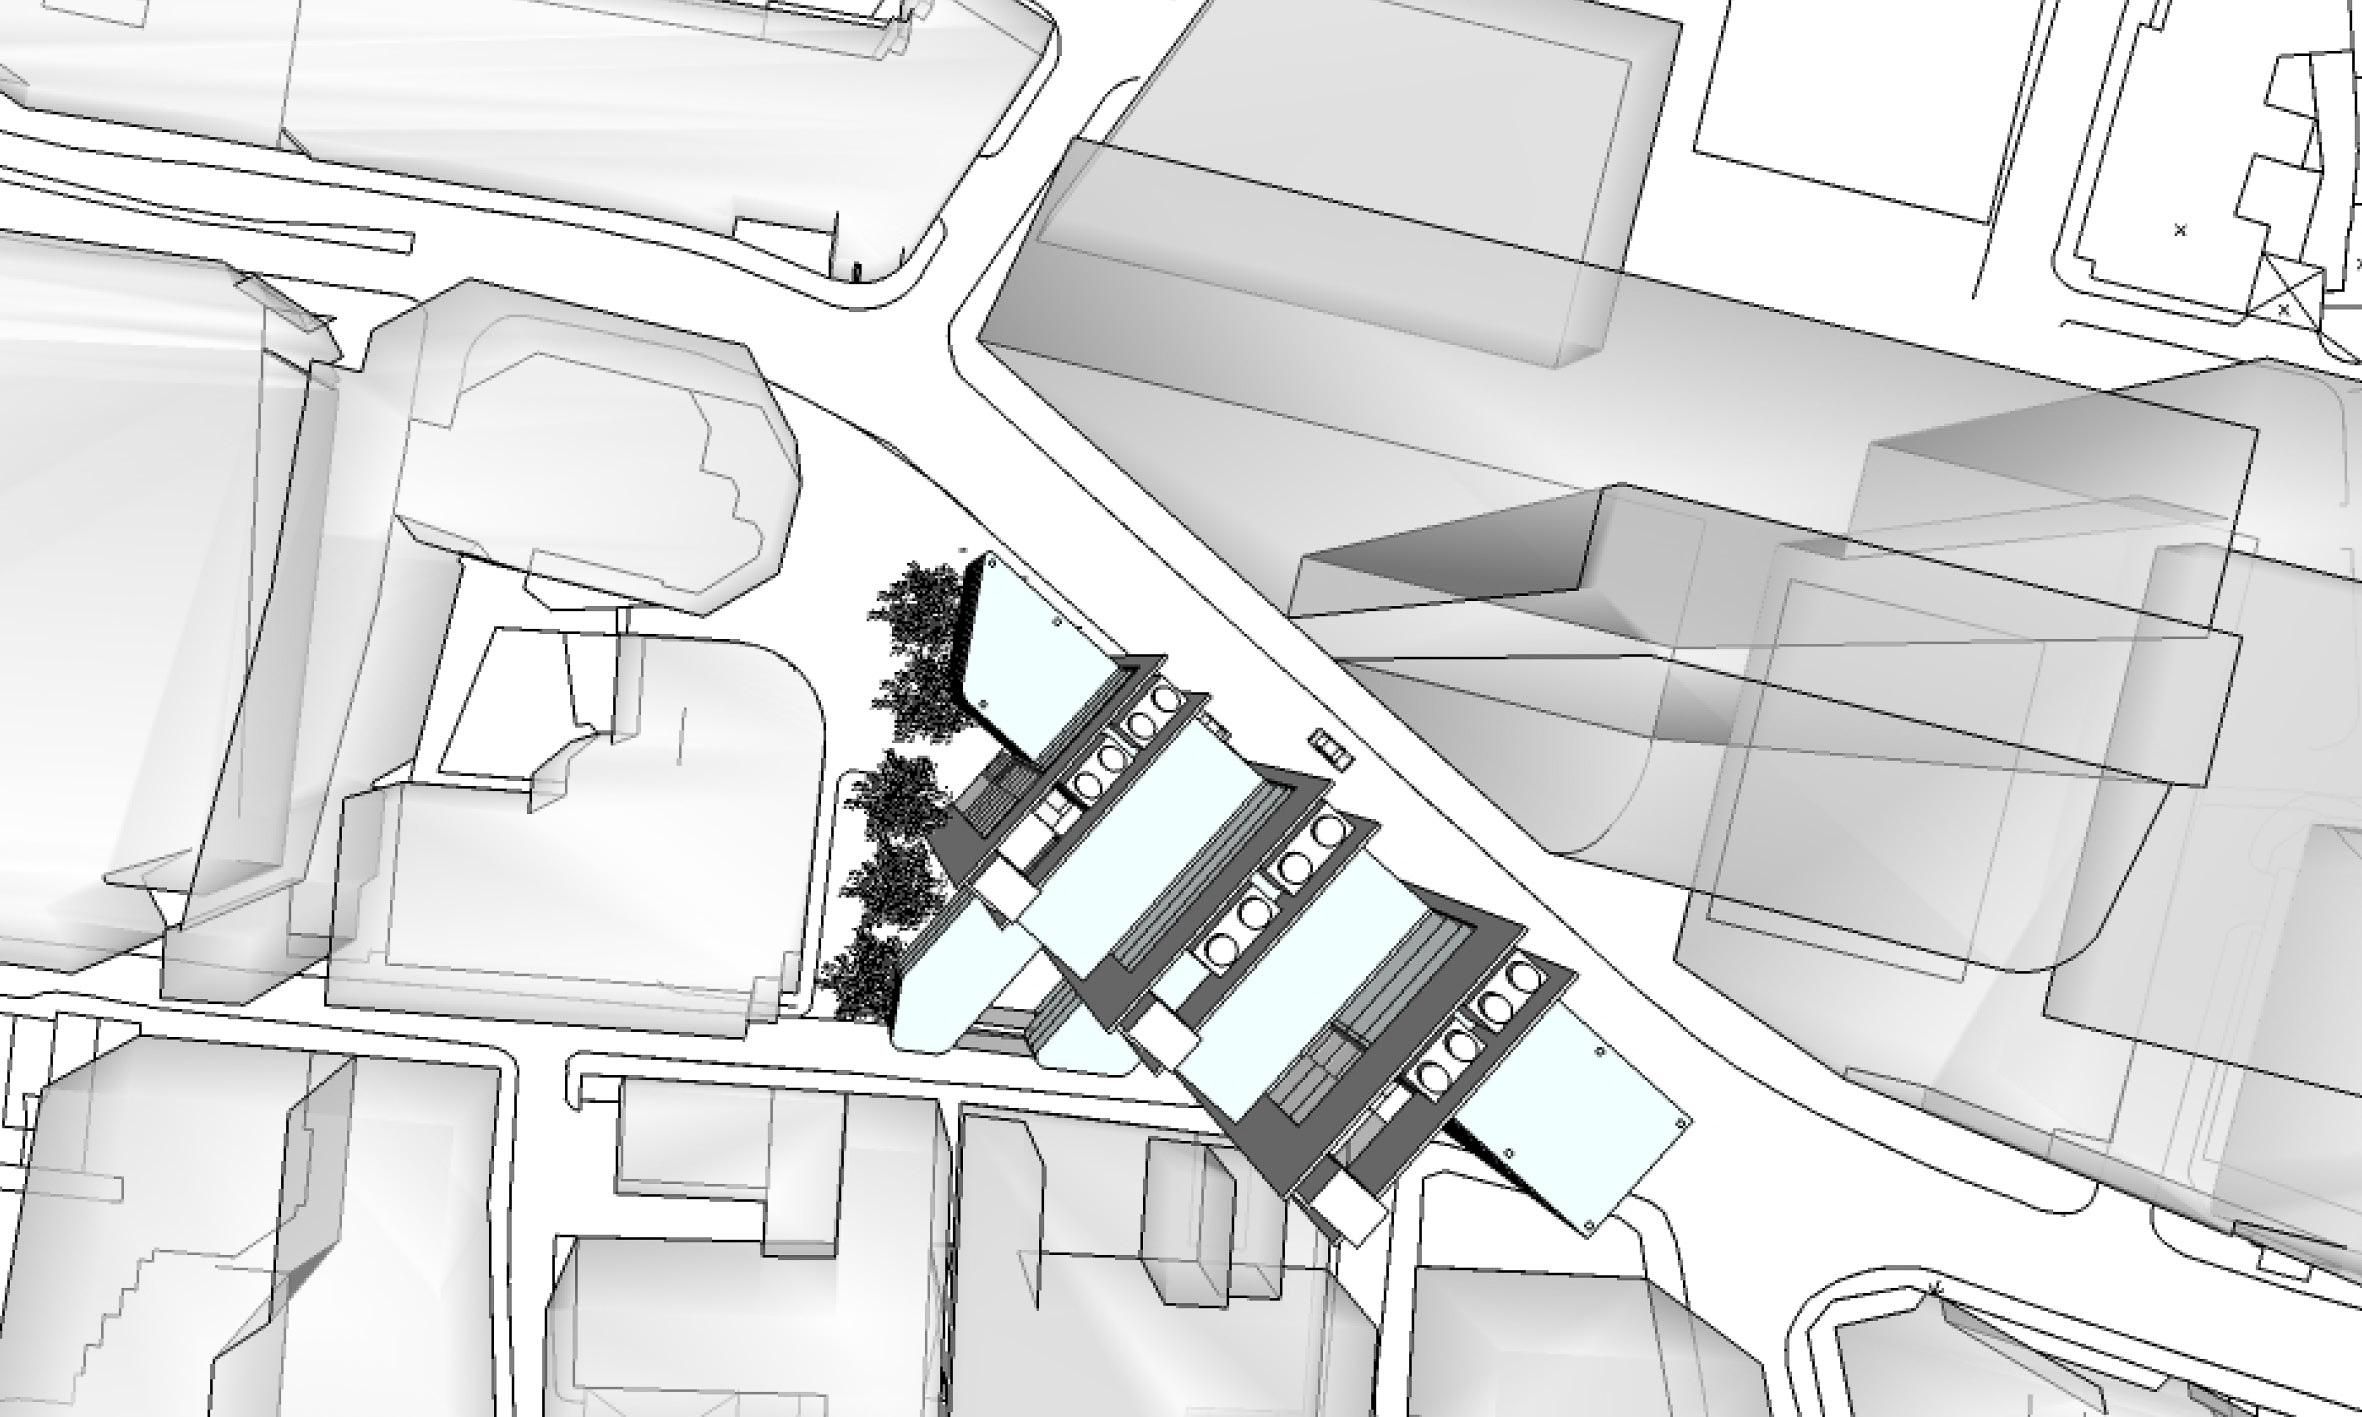 3D model - plan view - New Fetter Lane - concept architecture